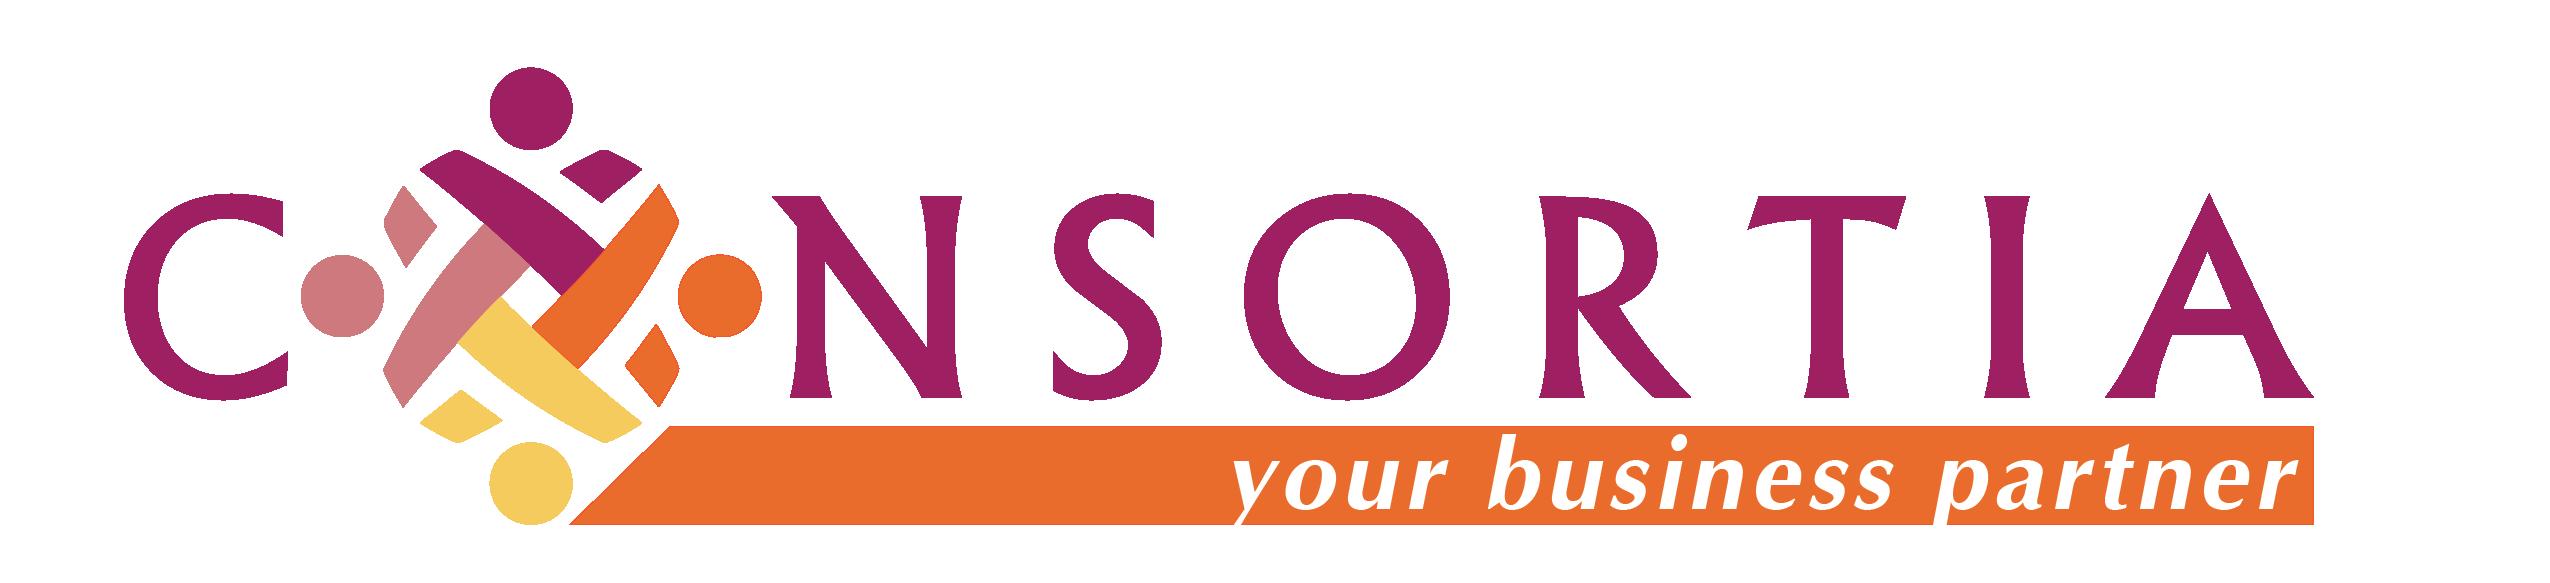 logo-ch1-01